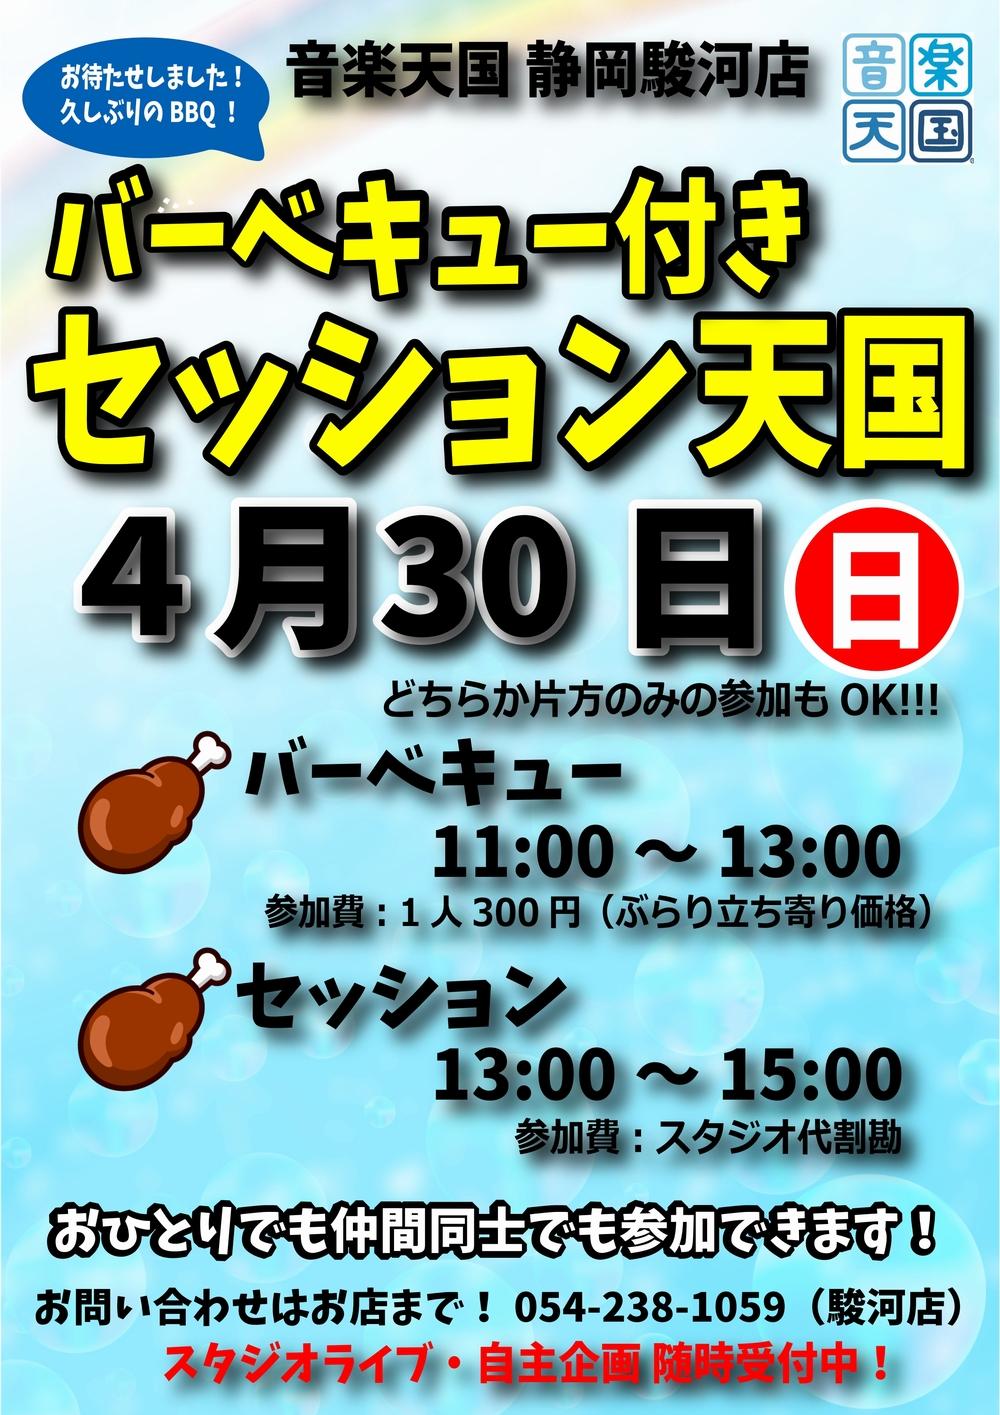 【BBQ&セッション天国】音楽天国・静岡駿河店4月30日(日)好評開催